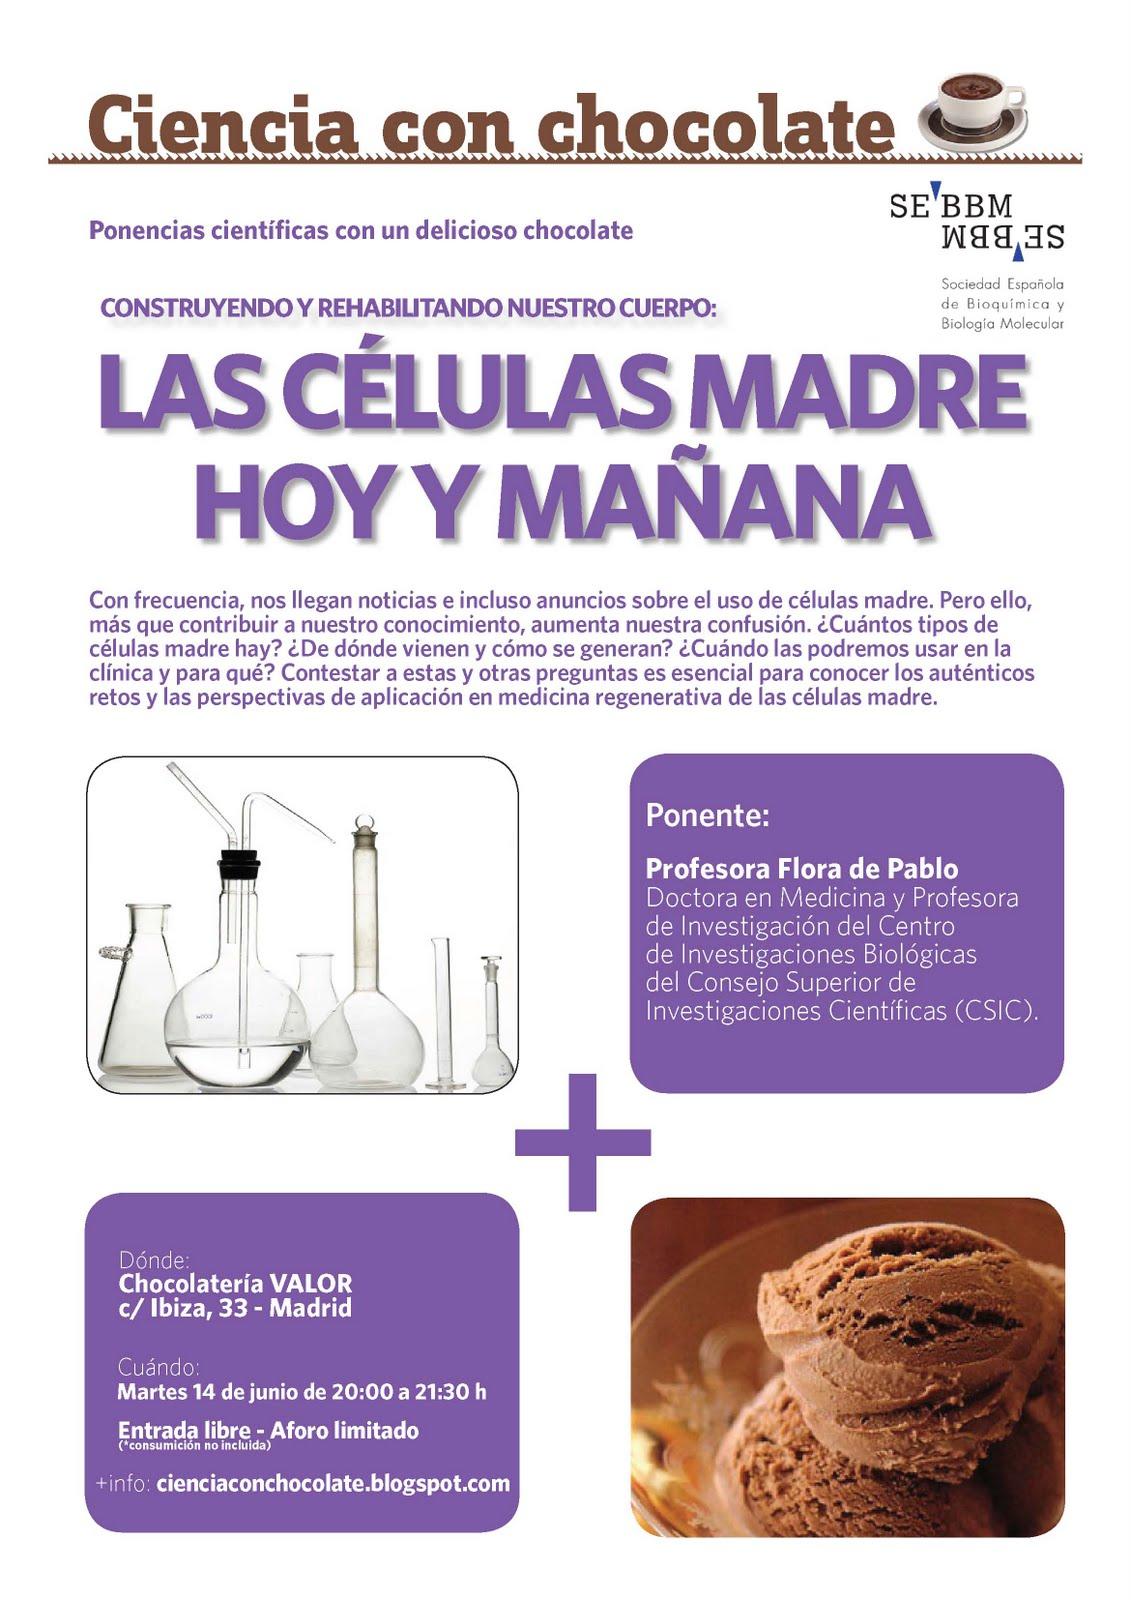 Ciencia con Chocolate: junio 2011